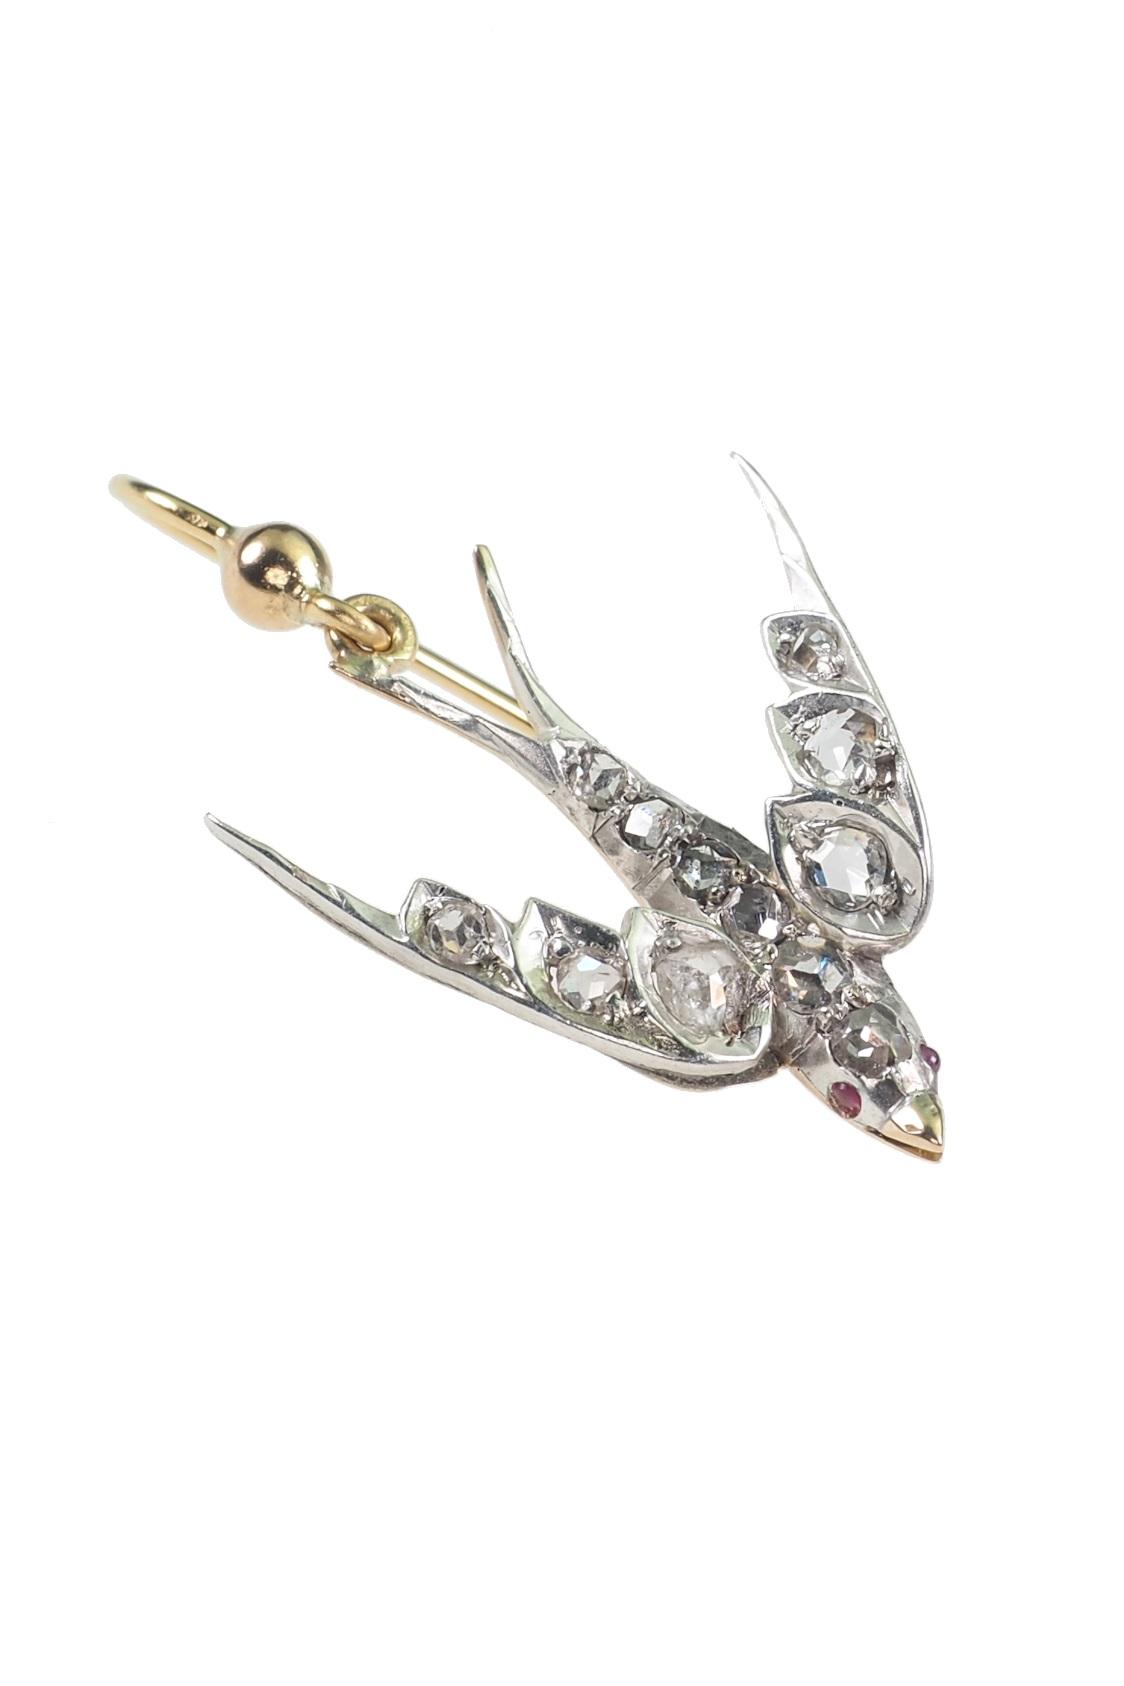 Ohrringe-sicher-kaufen-2804a